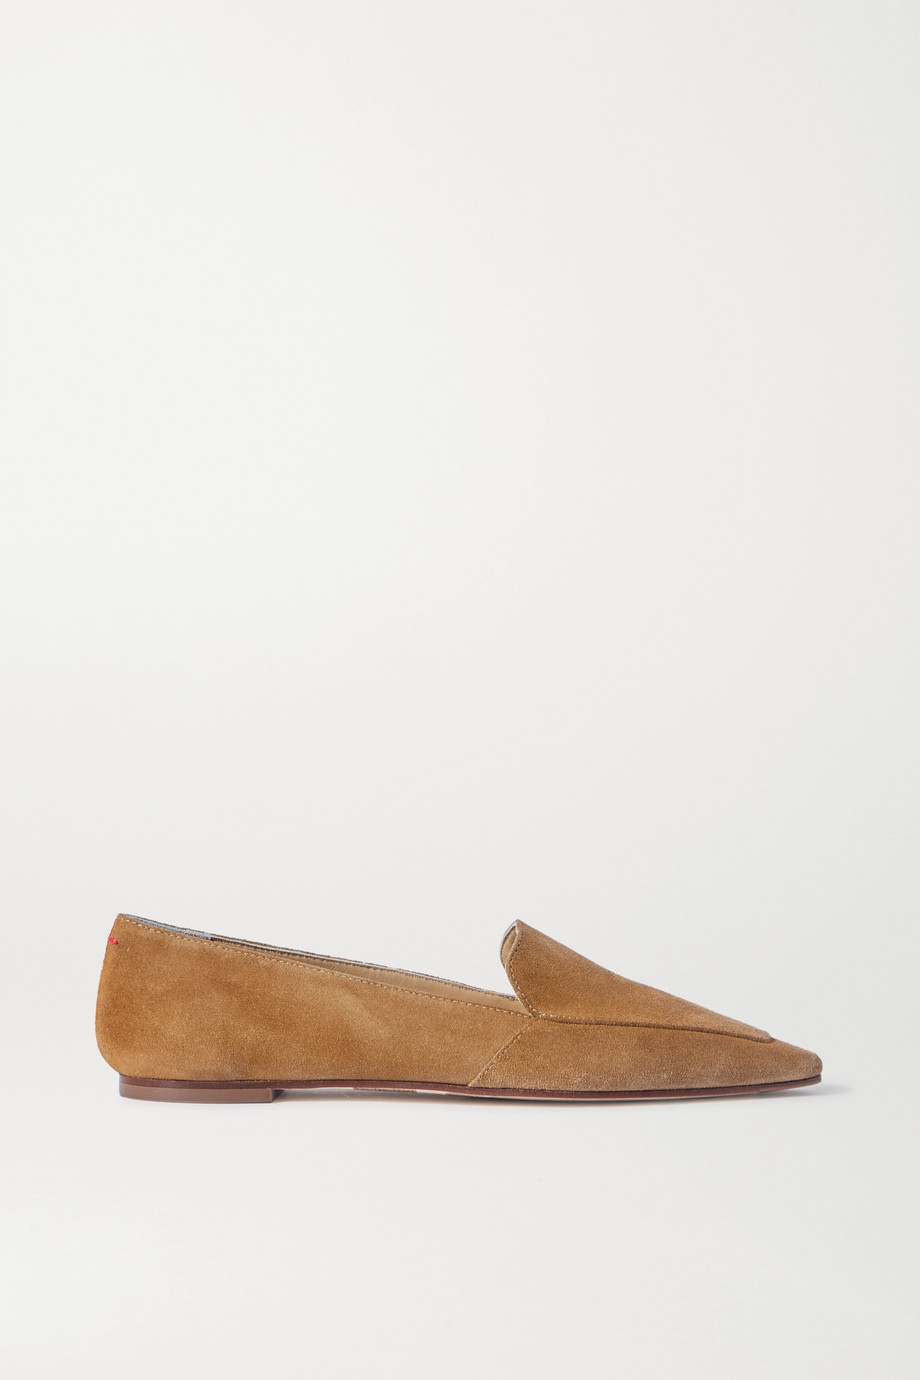 aeydē Aurora suede loafers